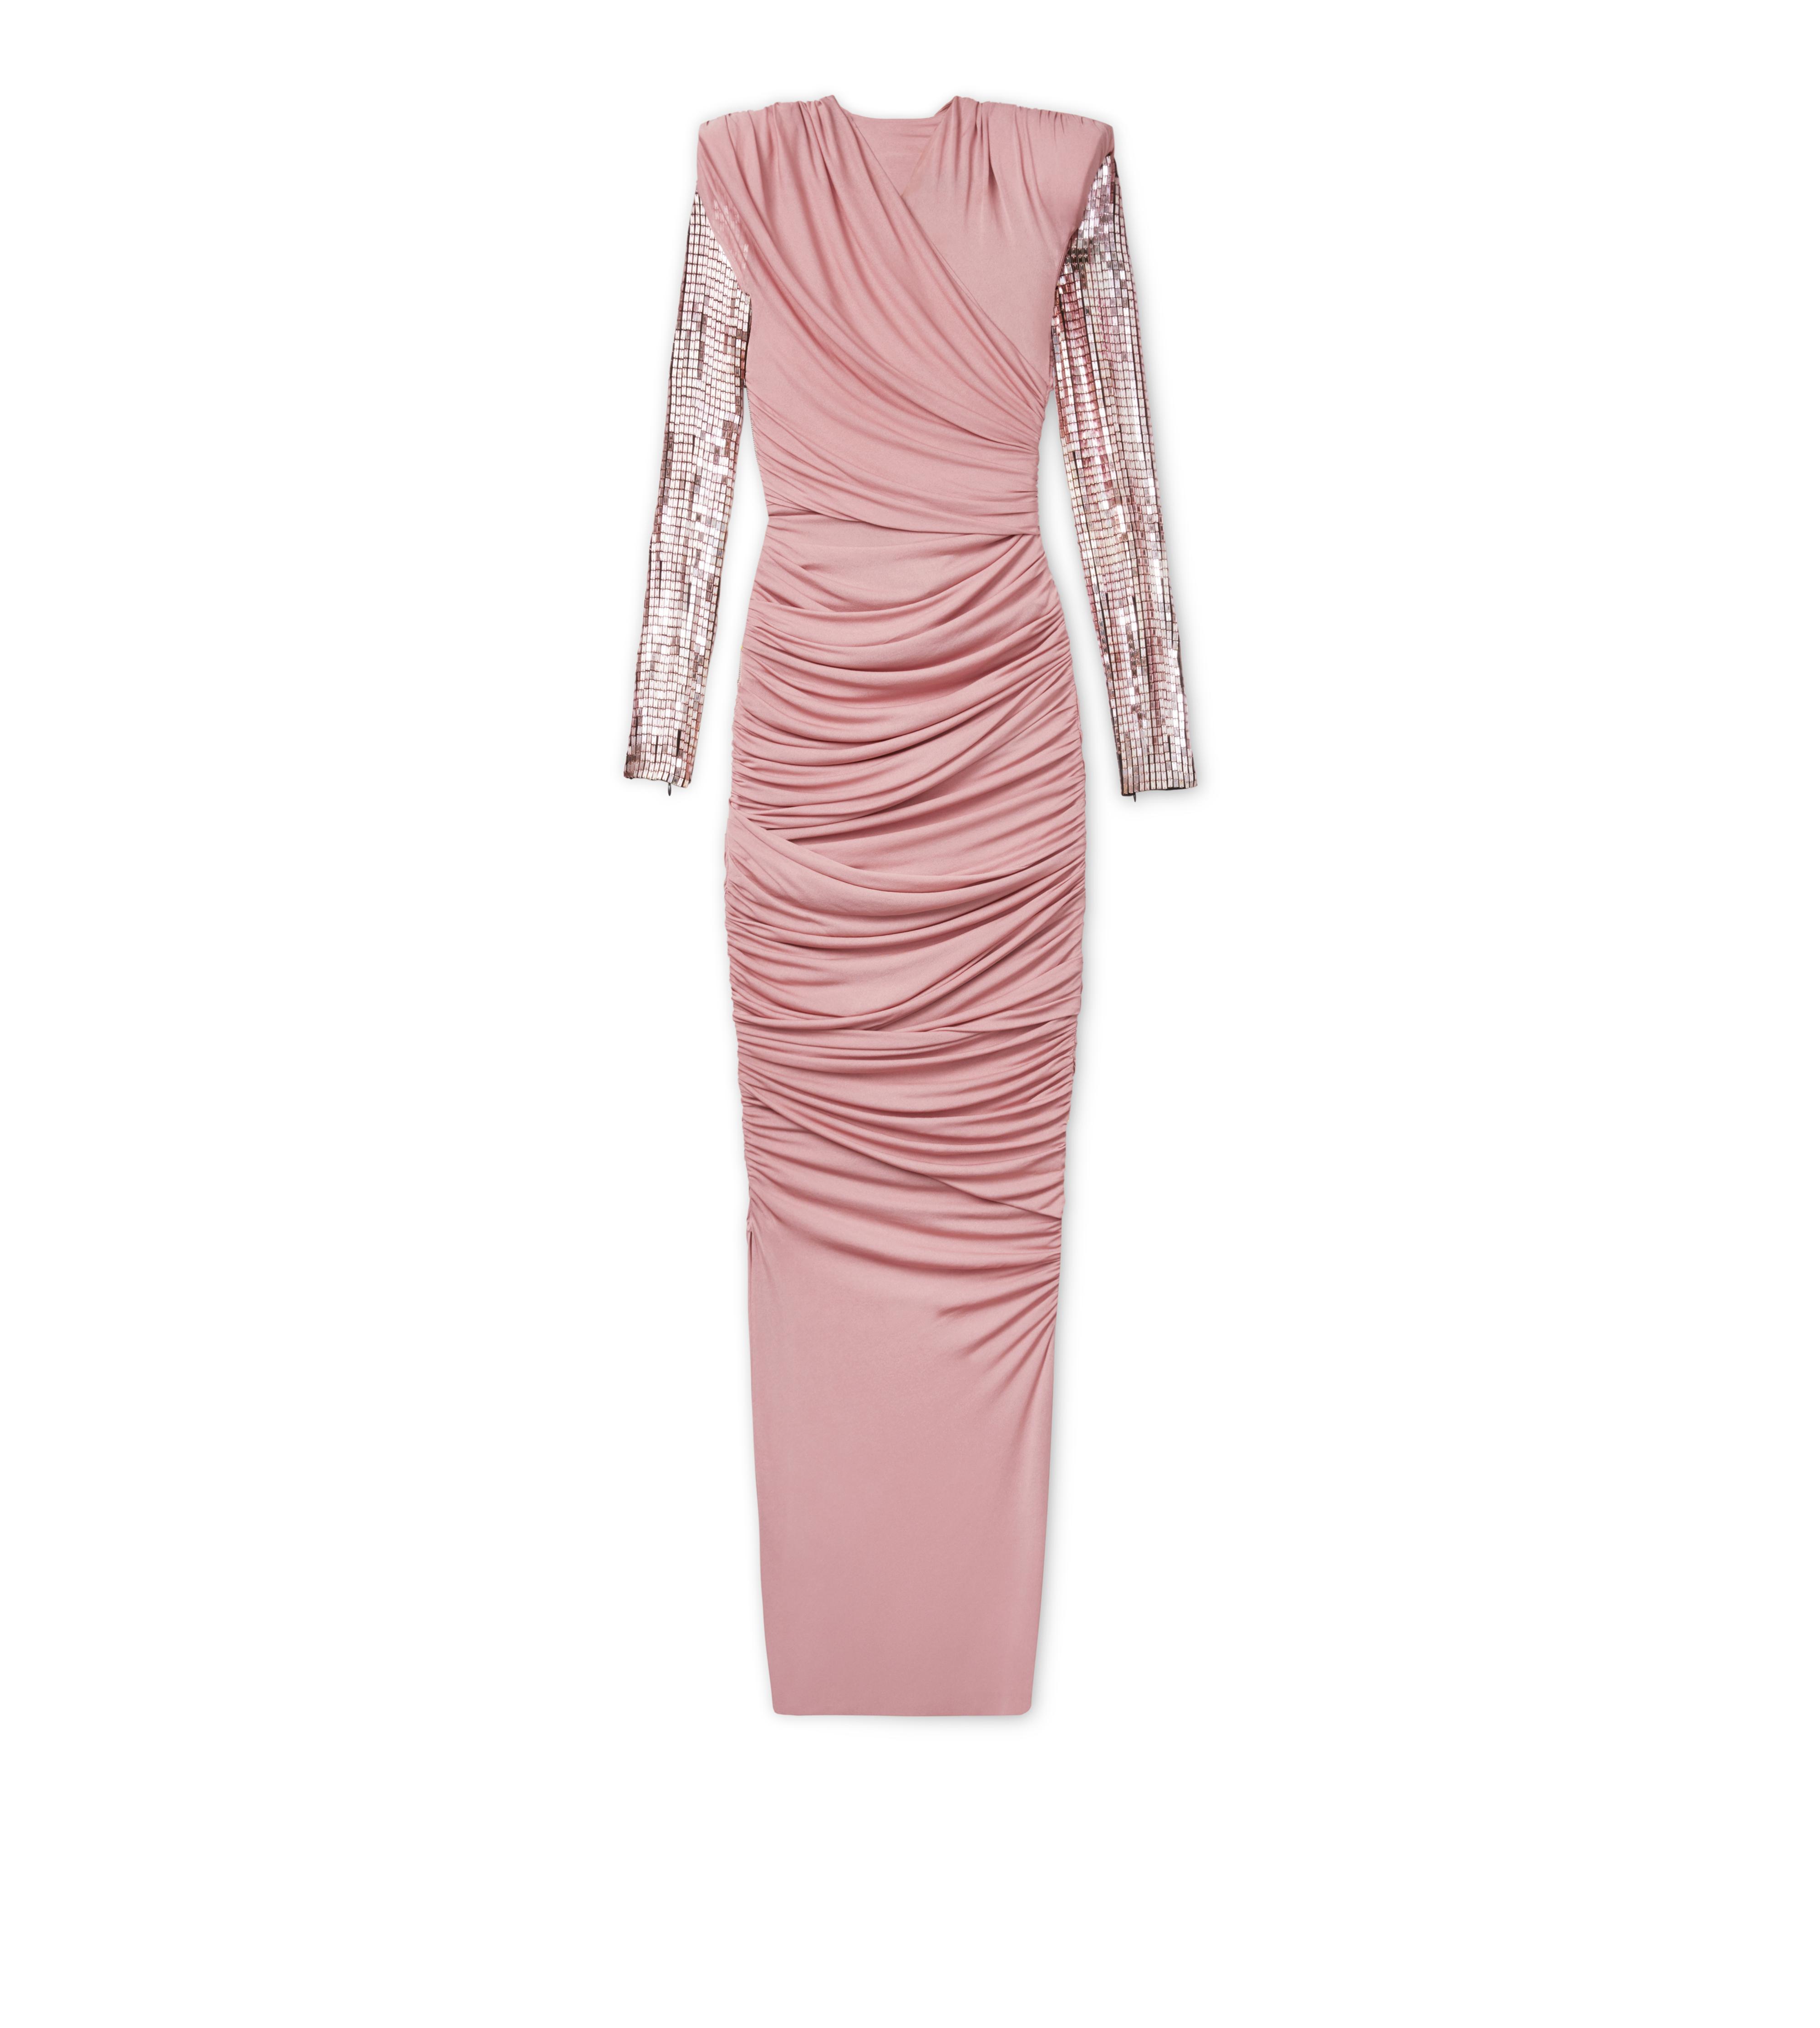 Tom Ford Evening Dress